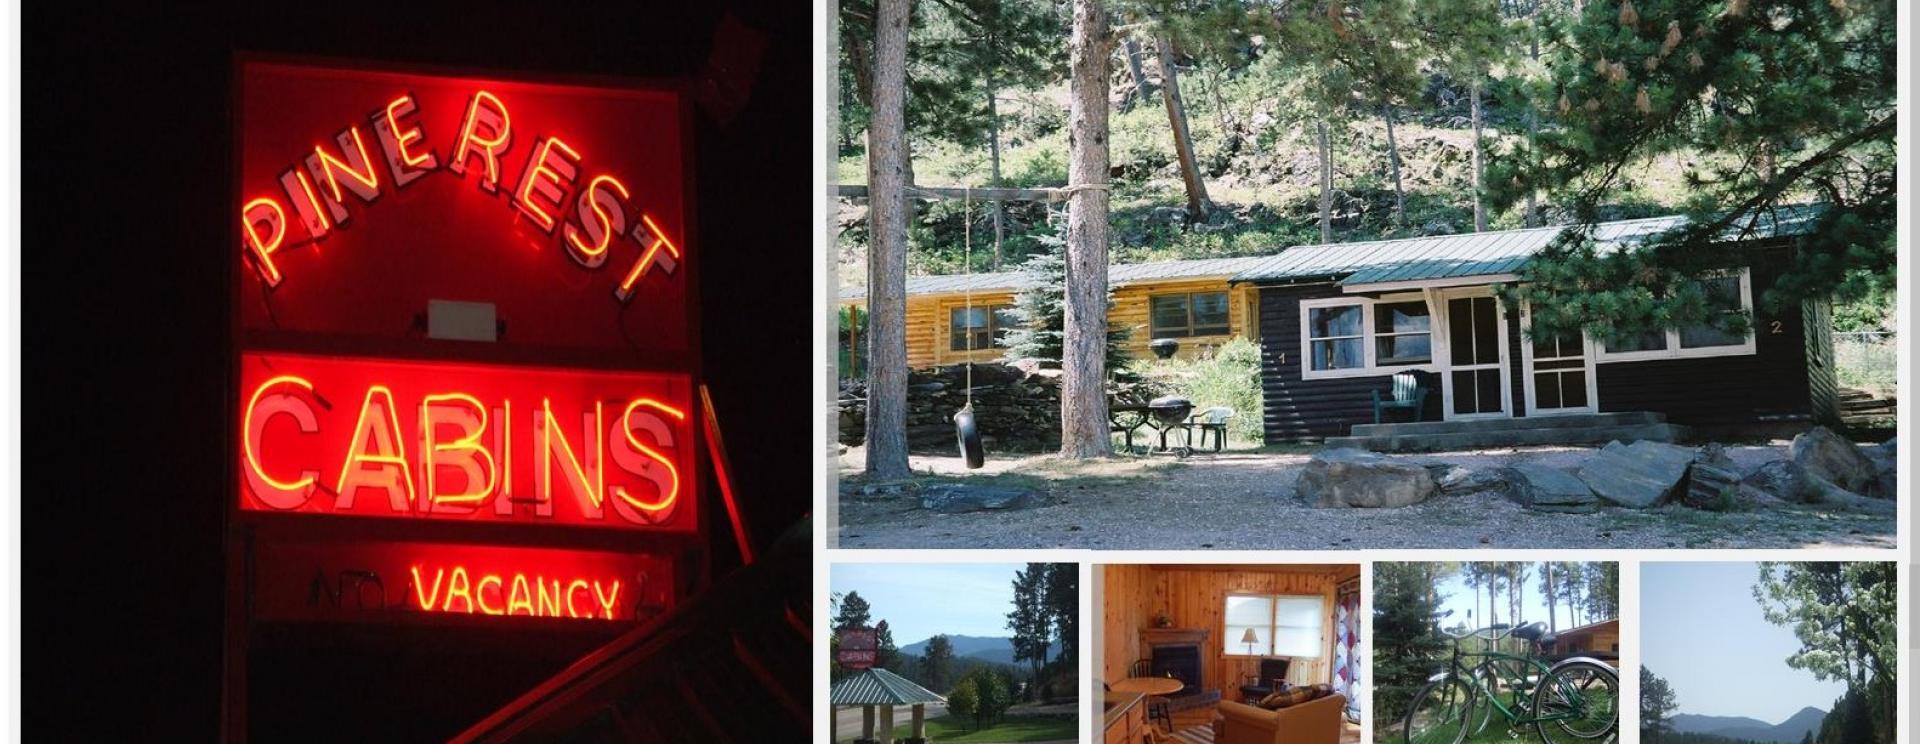 Pine Rest Cabins